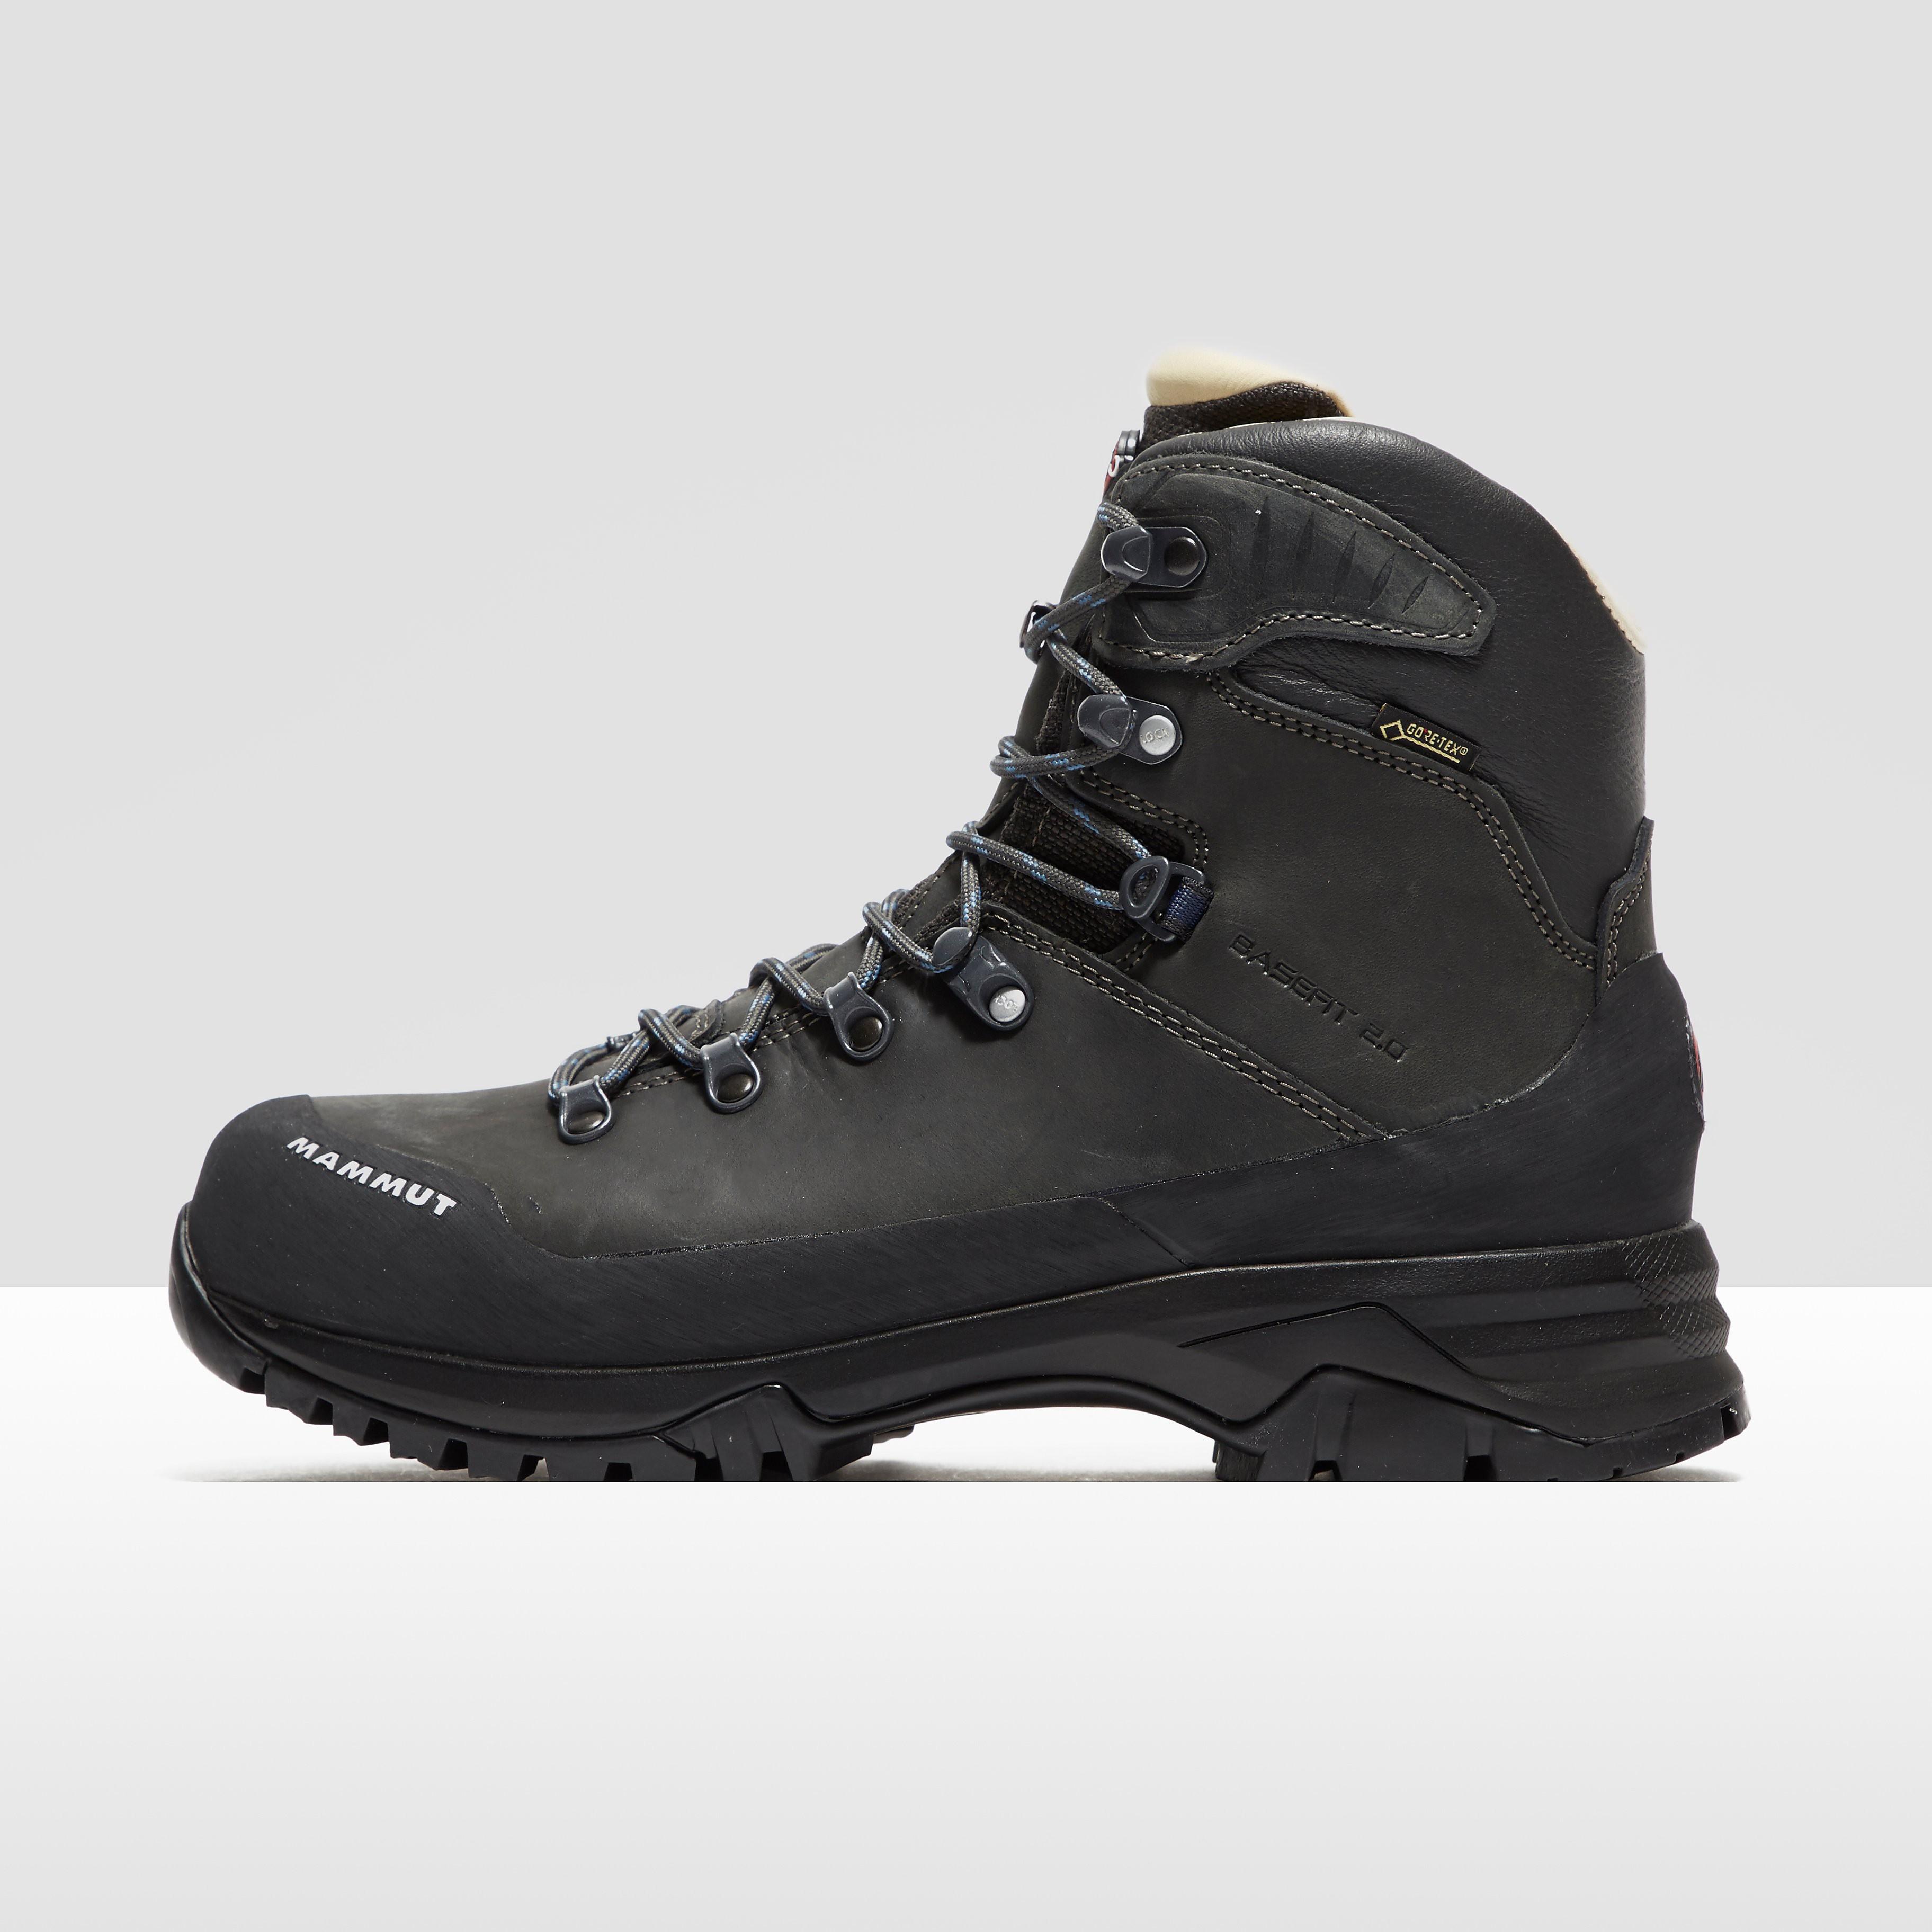 Mammut Trovat Guide High GTX Men's Boots